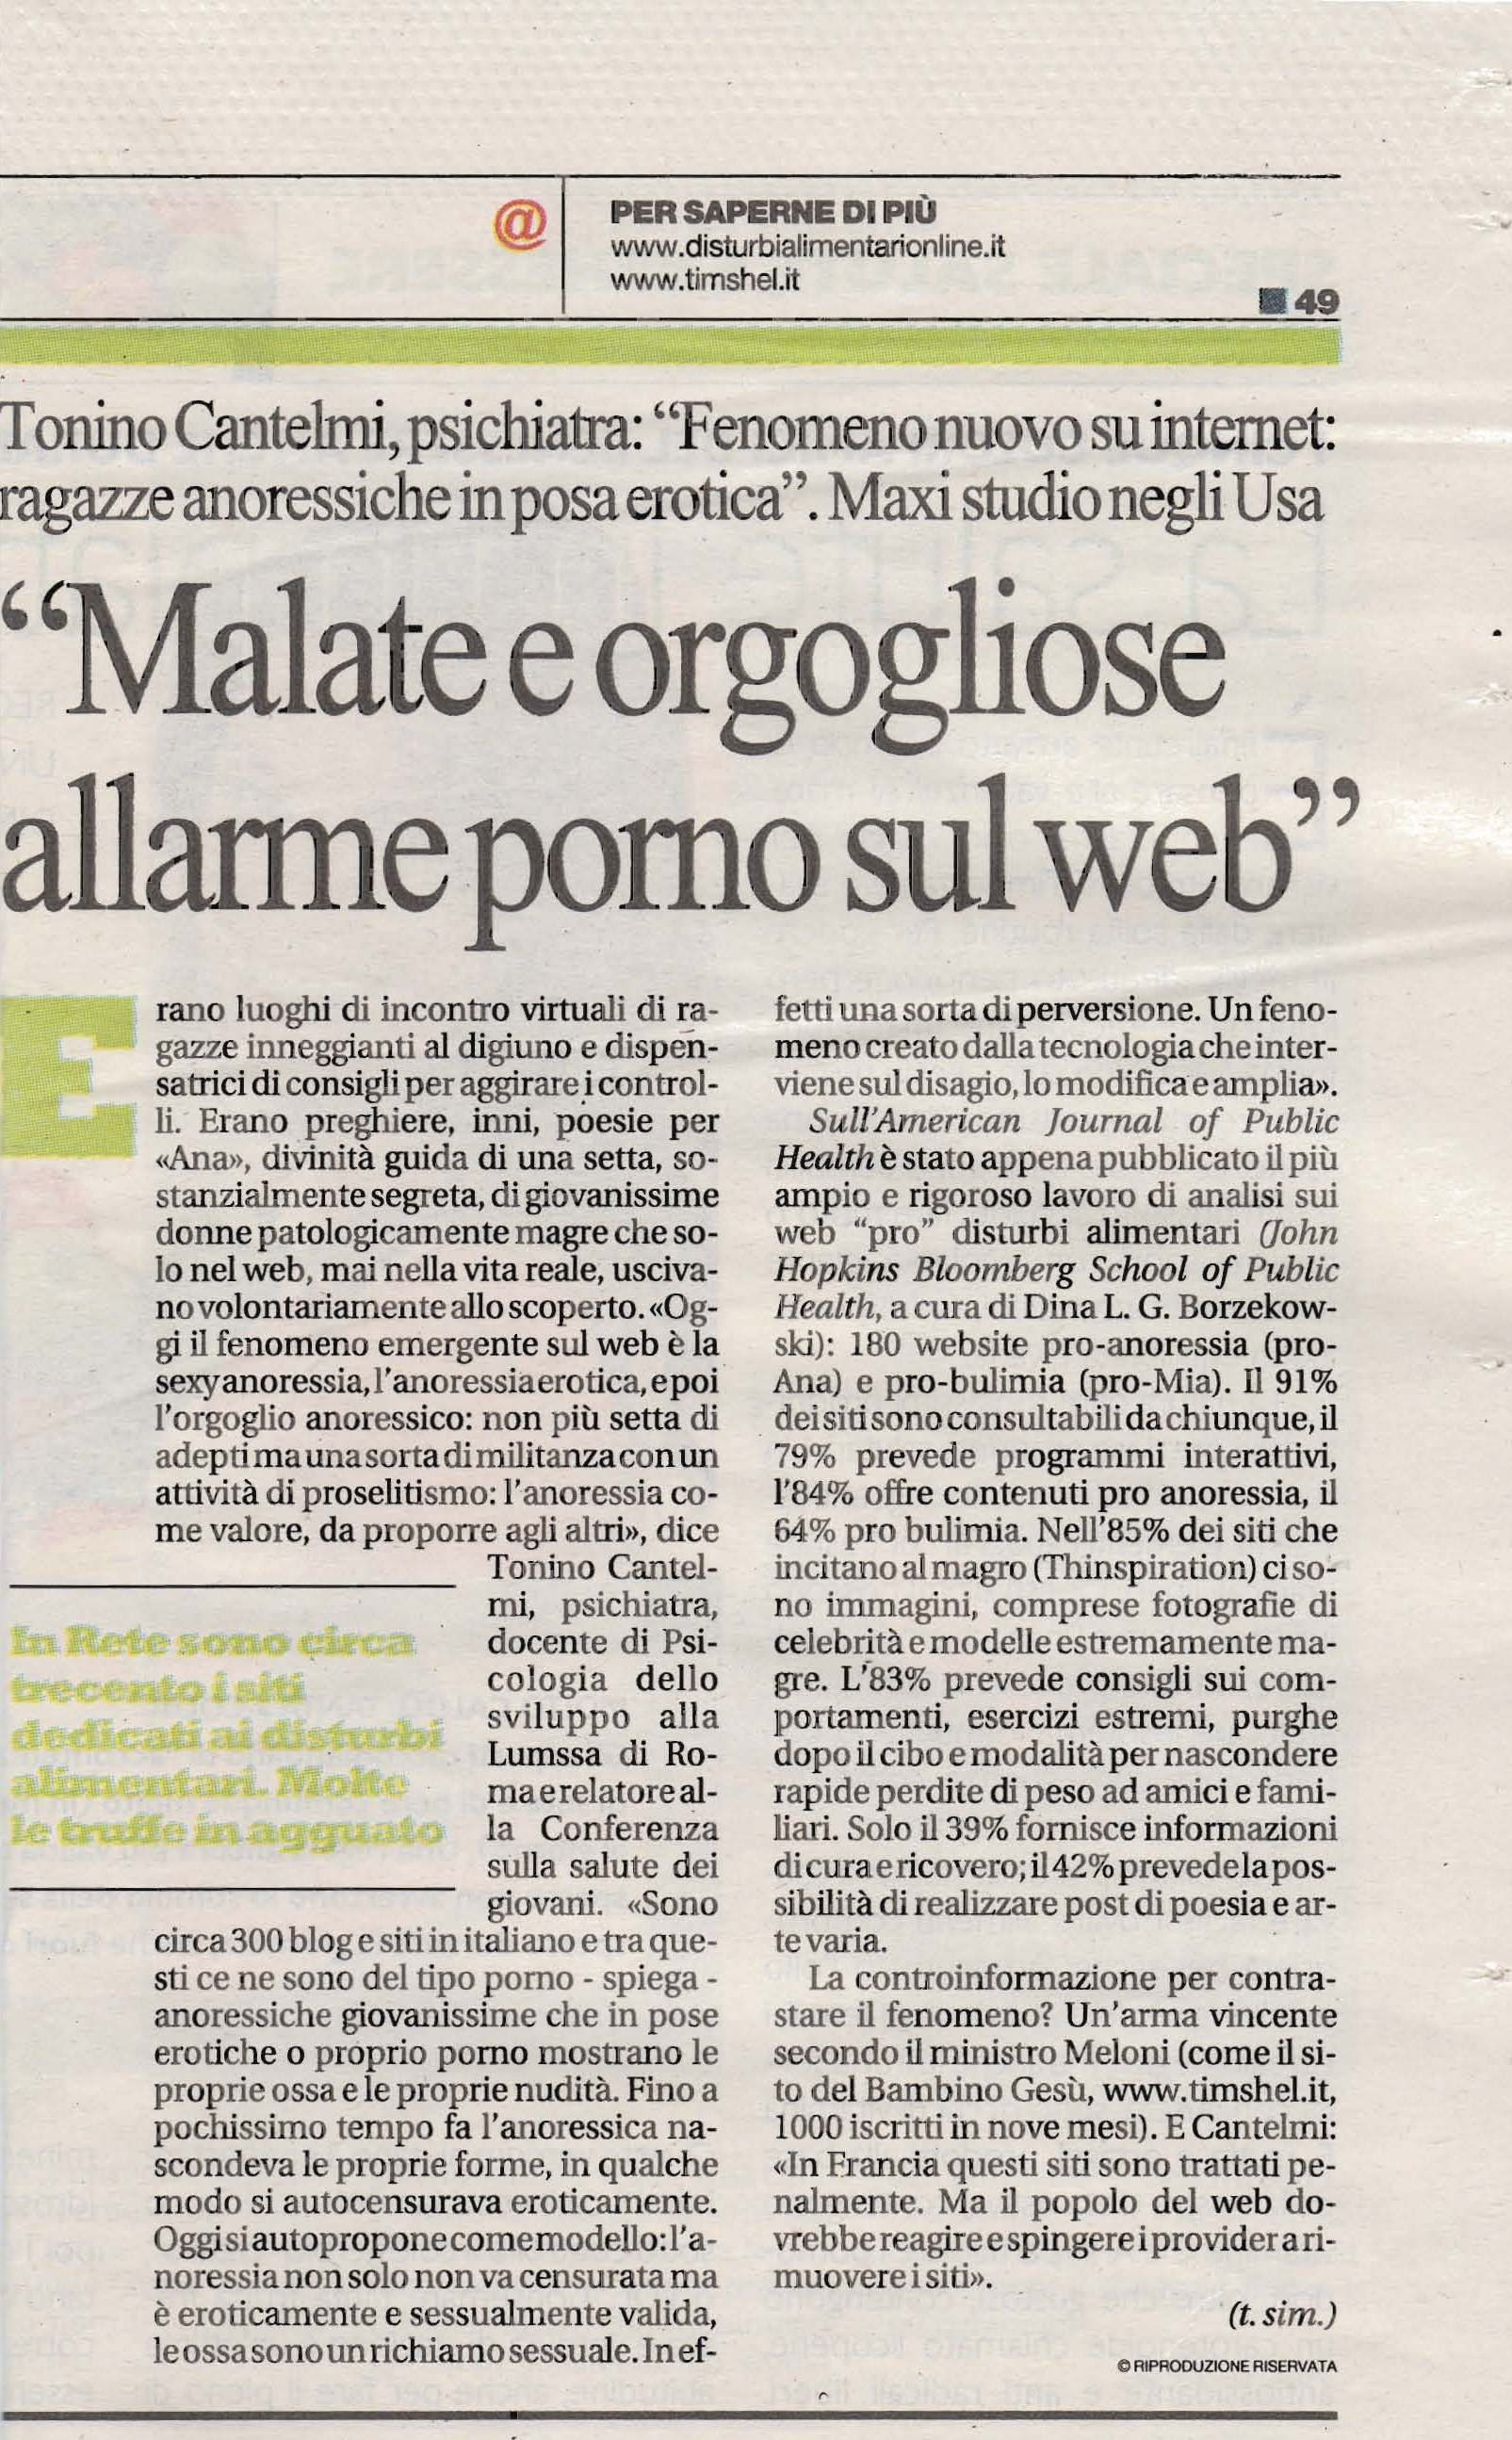 La Repubblica intervista di Tonino Cantelmi